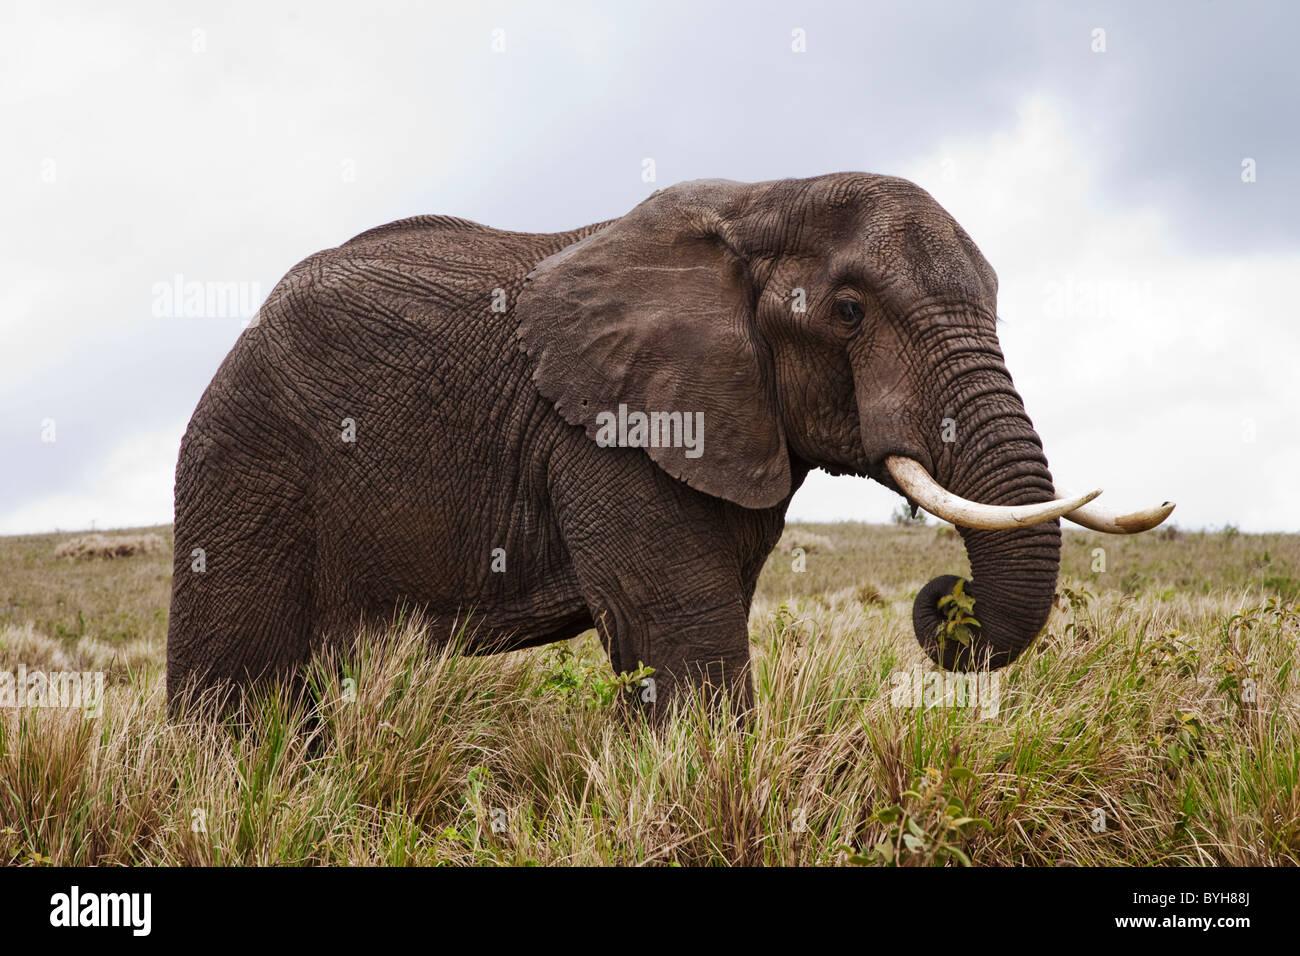 Elefante nel Parco Nazionale del Serengeti, Tanzania Africa Immagini Stock